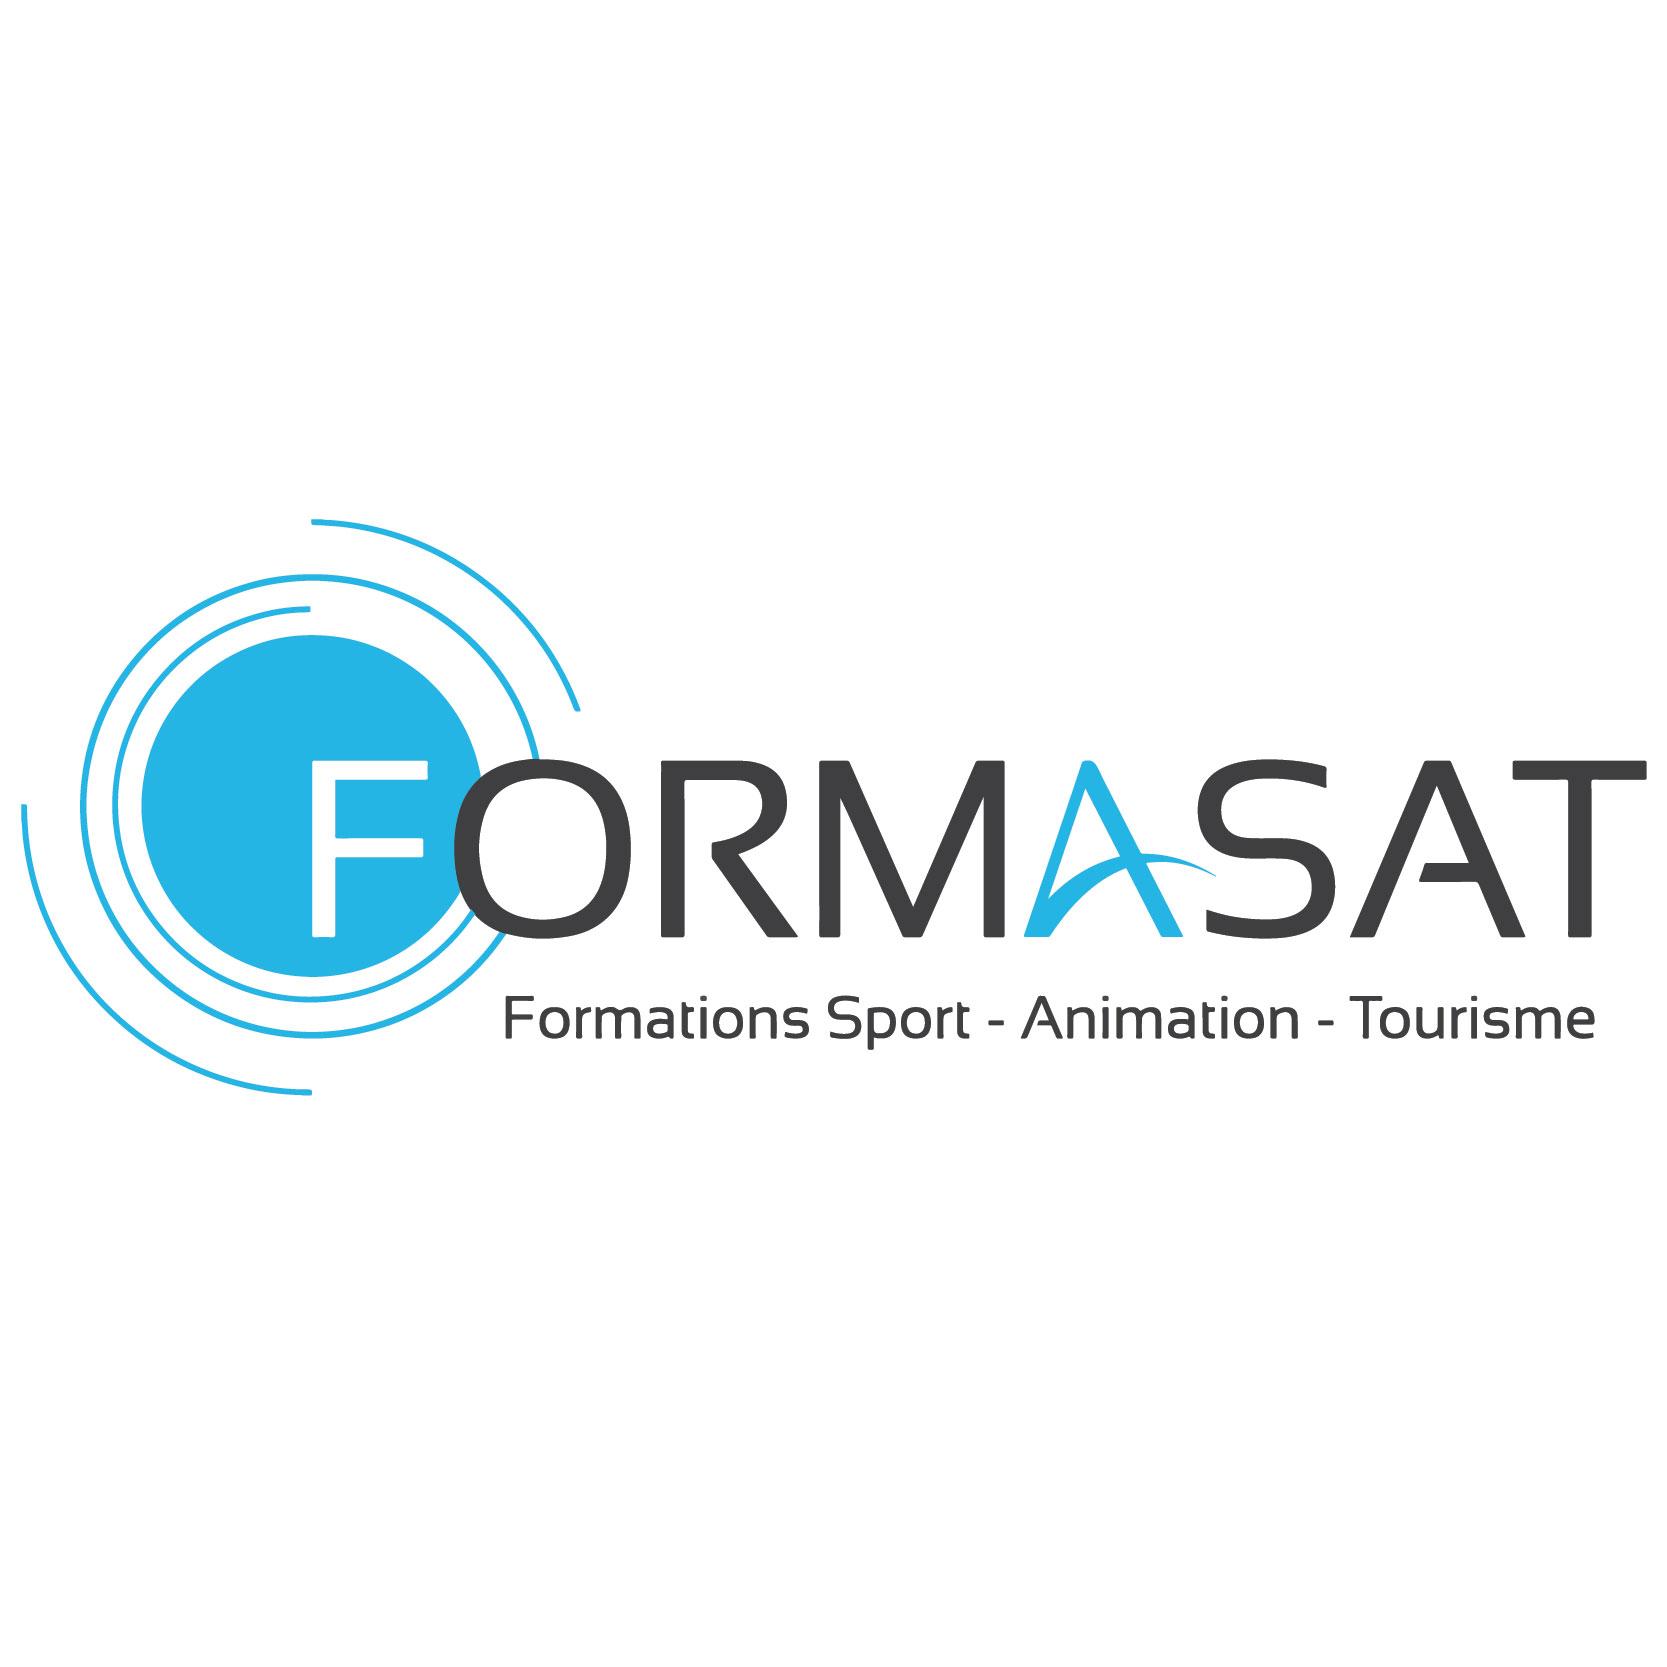 FORMASAT